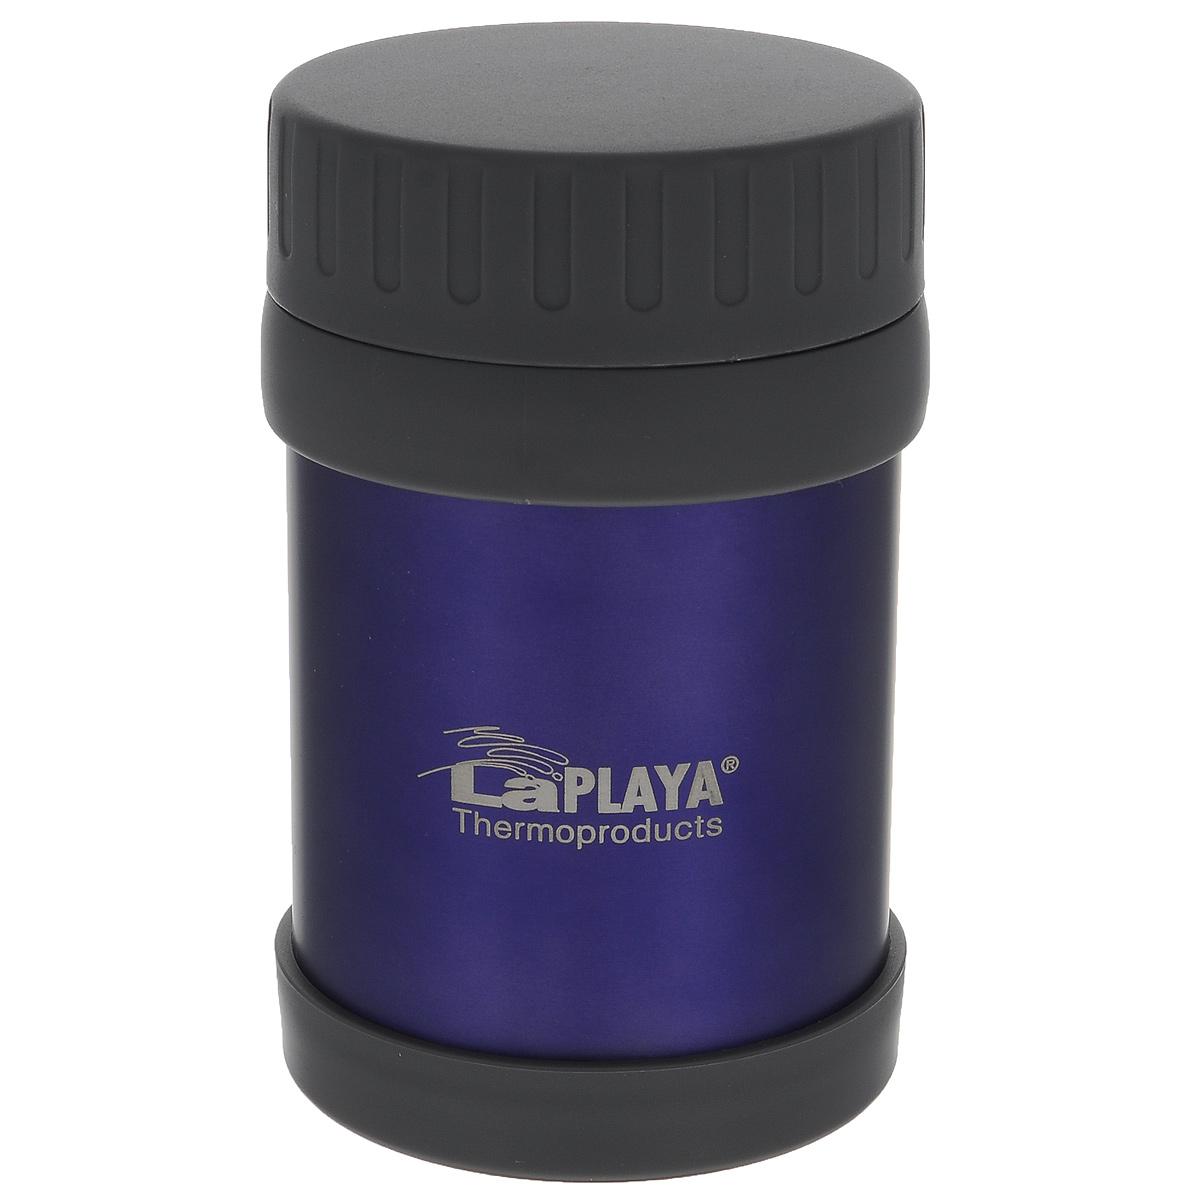 Термос LaPlaya JMG, цвет: фиолетовый, 350 млVT-1520(SR)Термос LaPlaya JMG изготовлен из высококачественной нержавеющей стали 18/8 и пластика. Термос с двухстеночной вакуумной изоляцией, предназначенный для хранения горячих и холодных продуктов, сохраняет их до 6 часов горячими и холодными в течении 8 часов. Термос очень легкий, имеет широкое горло и закрывается герметичной крышкой.Идеально подходит для напитков, а также первых и вторых блюд. Высота: 14 см.Диаметр горлышка: 6,8 см.